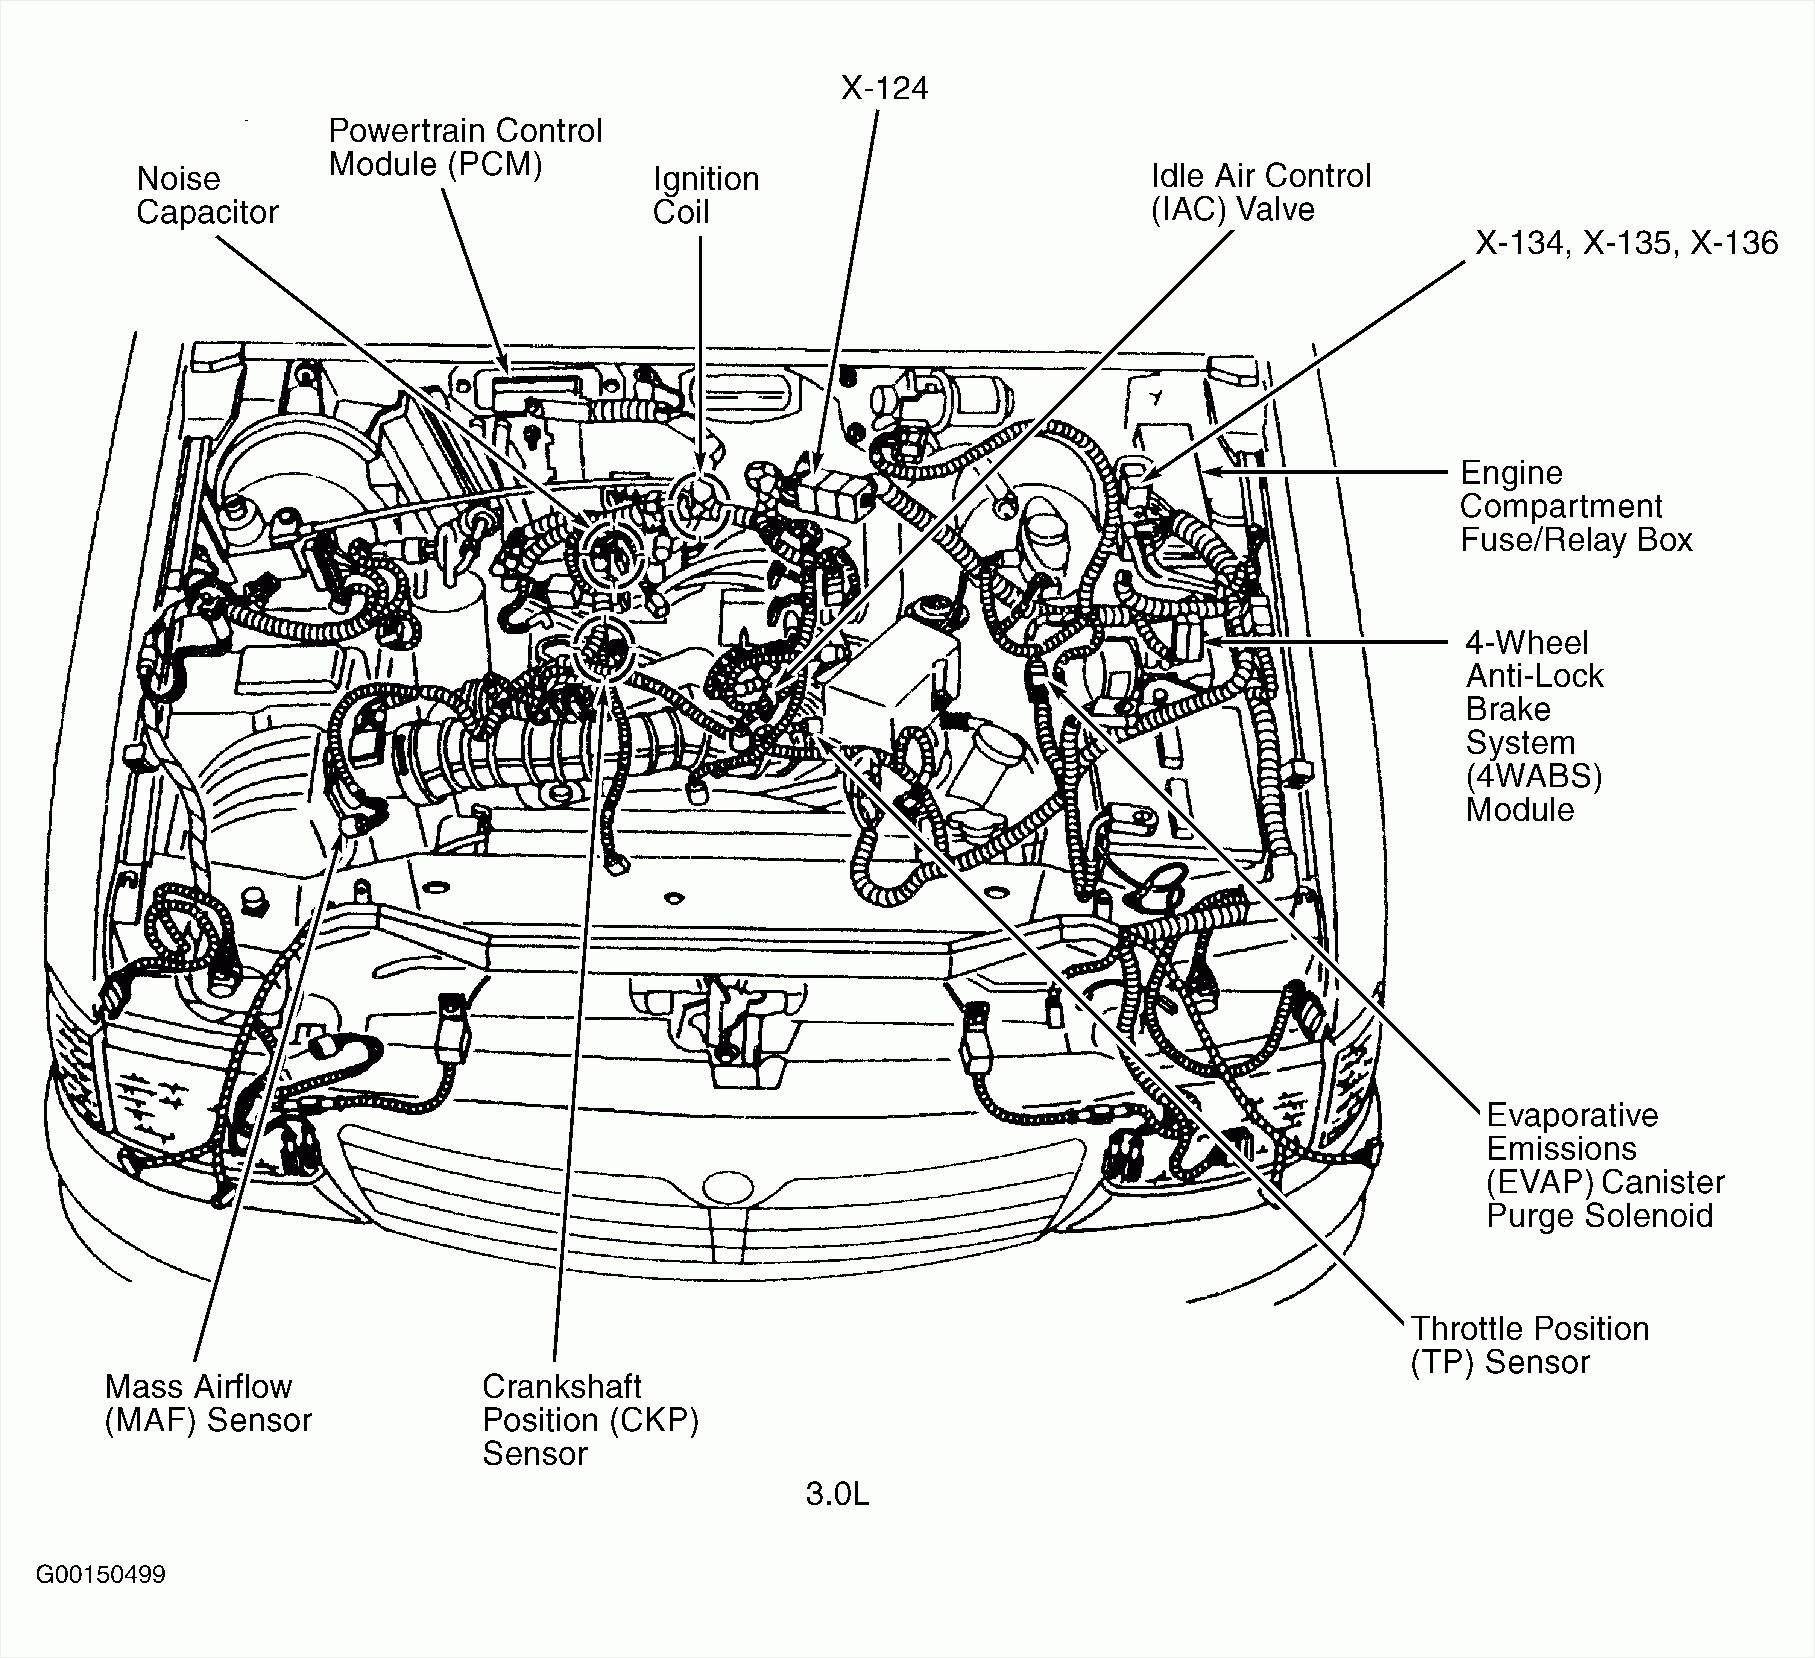 chevy 5 3 vortec engine diagram besides duramax engine wiring 5.3 Vortec Engine Diagram